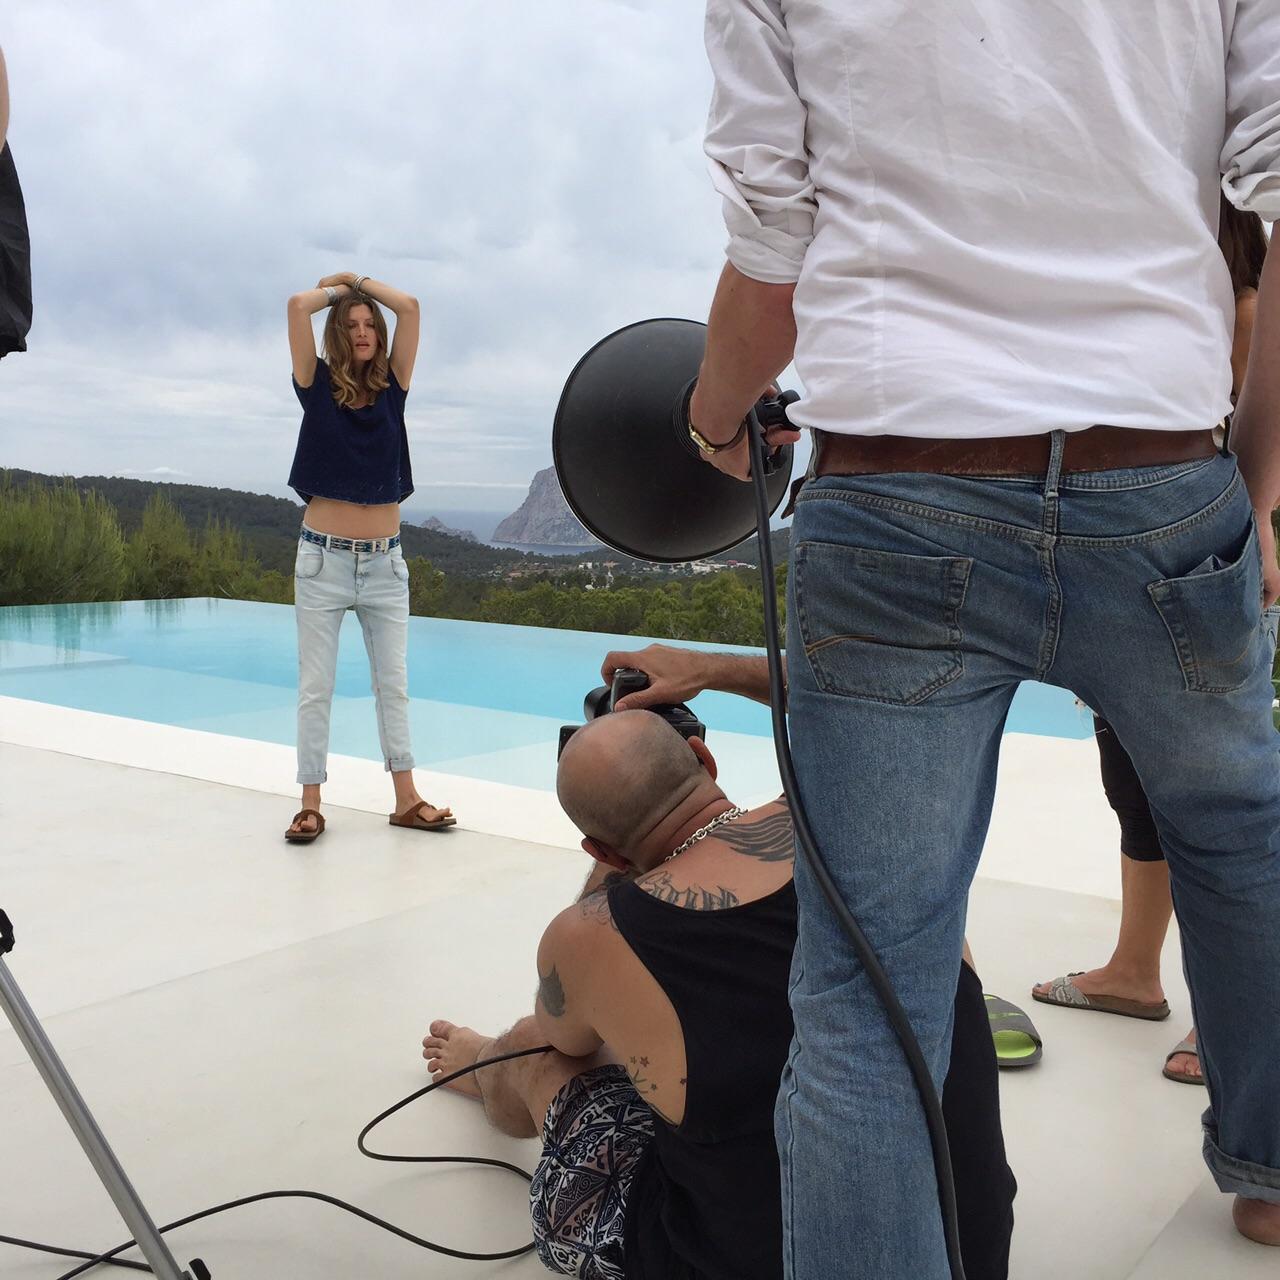 Fotograf und Model am Pool